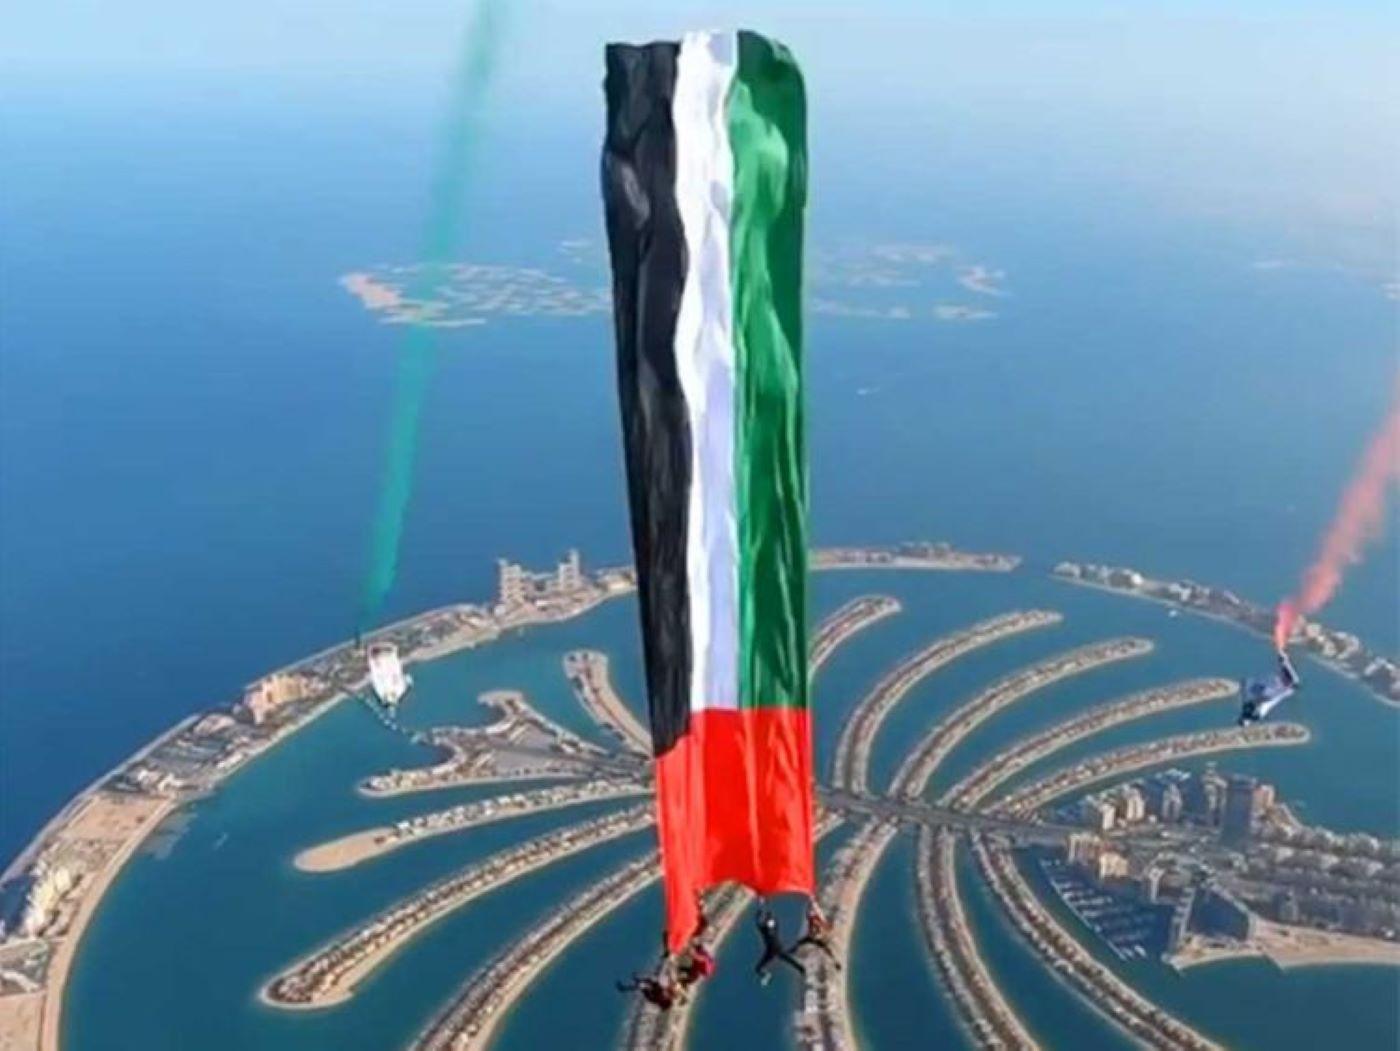 UAE Flag Free Fall World Record